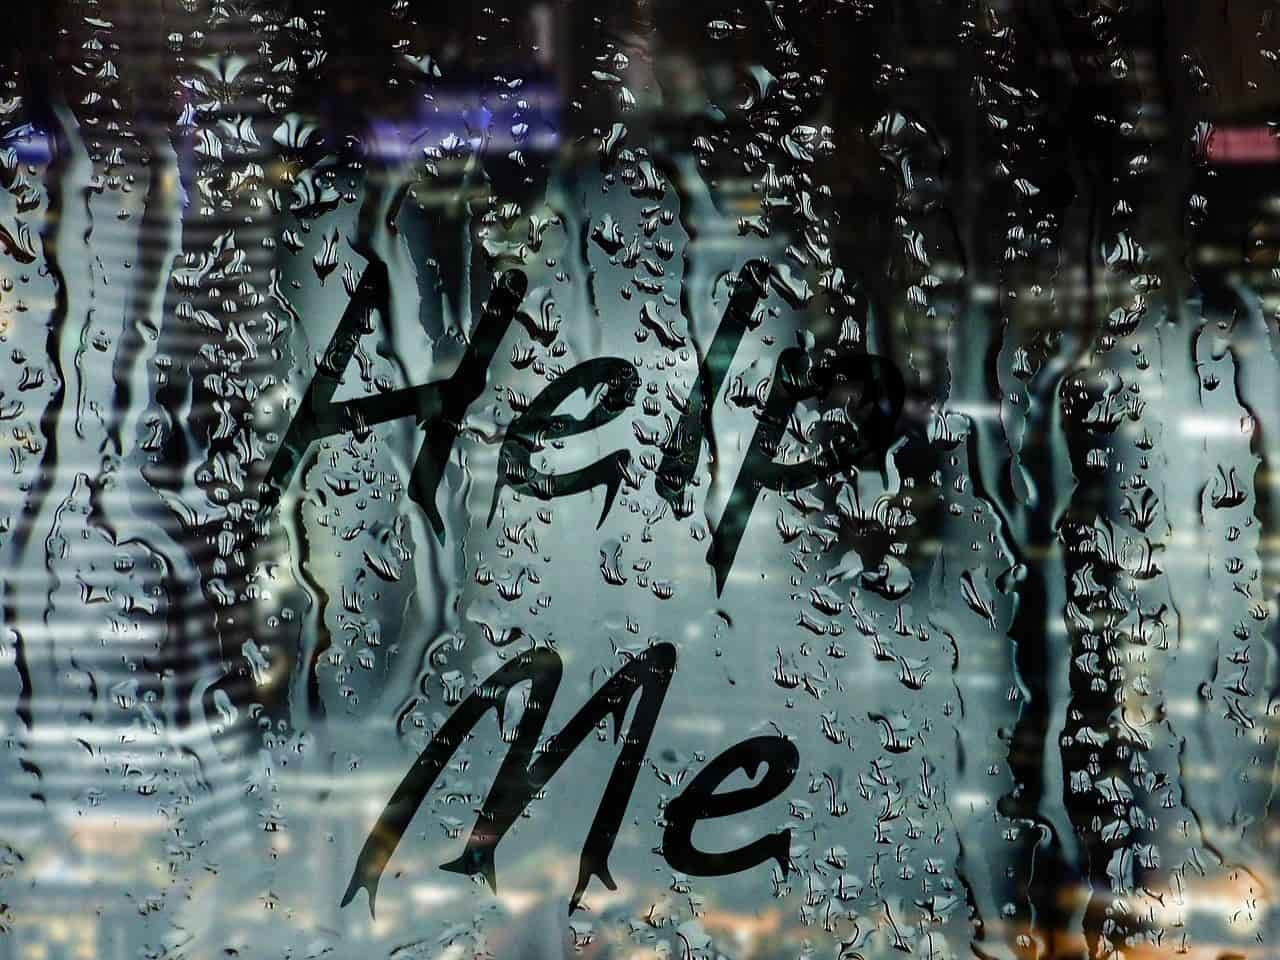 助けてと書かれた雨に濡れた窓